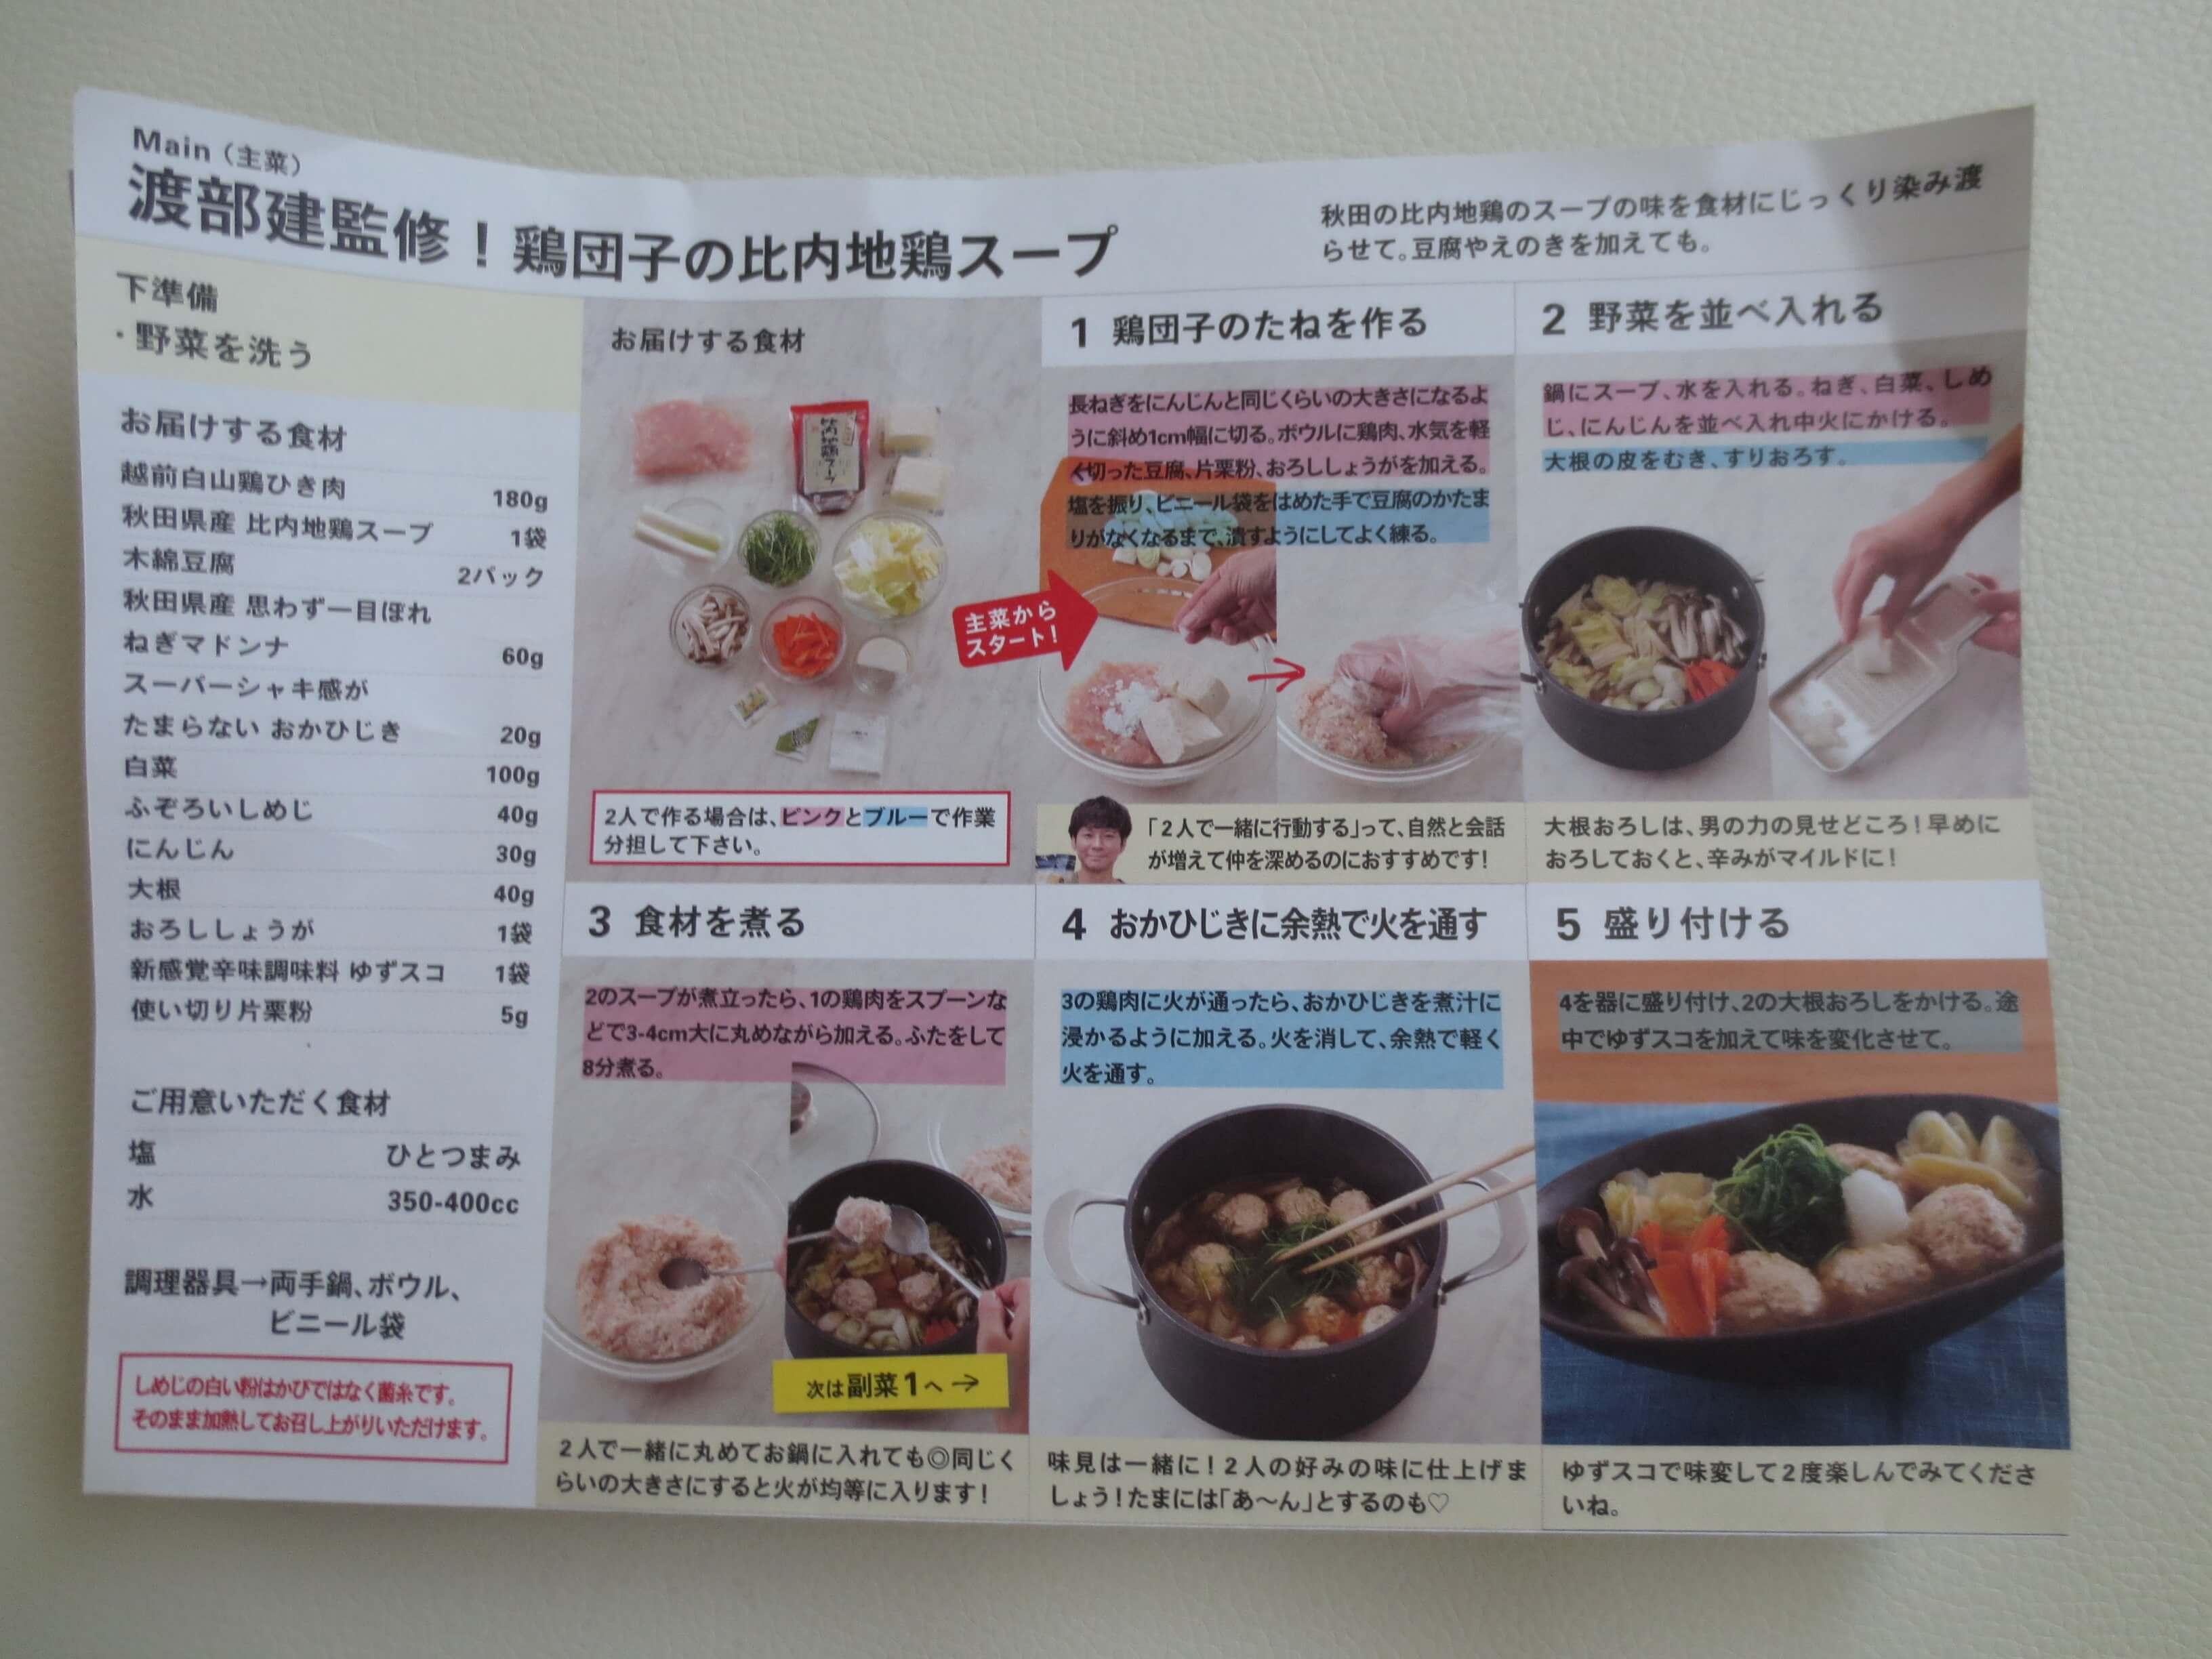 キットオイシックス・渡部健・口コミ・評判13